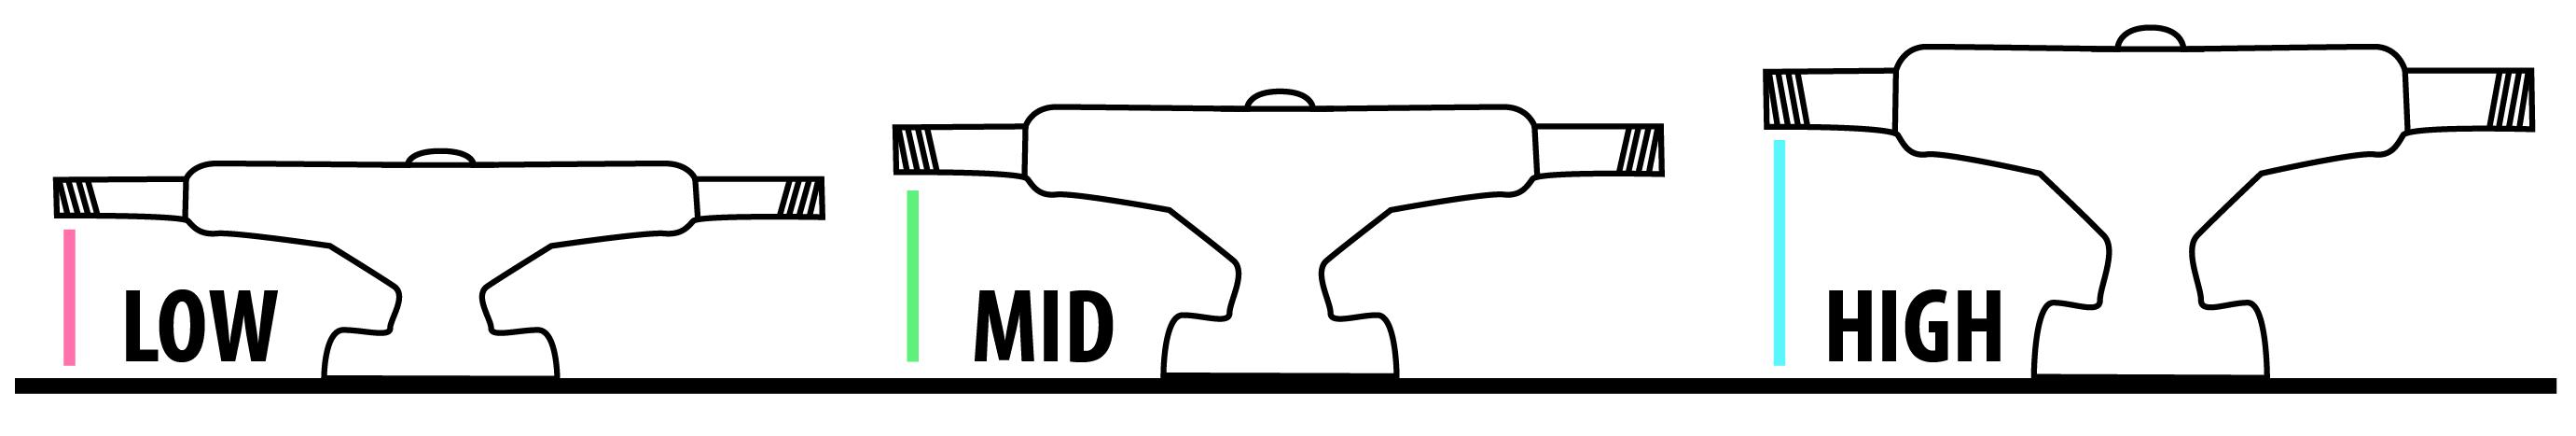 Skateboard trucks in 3 different sizes